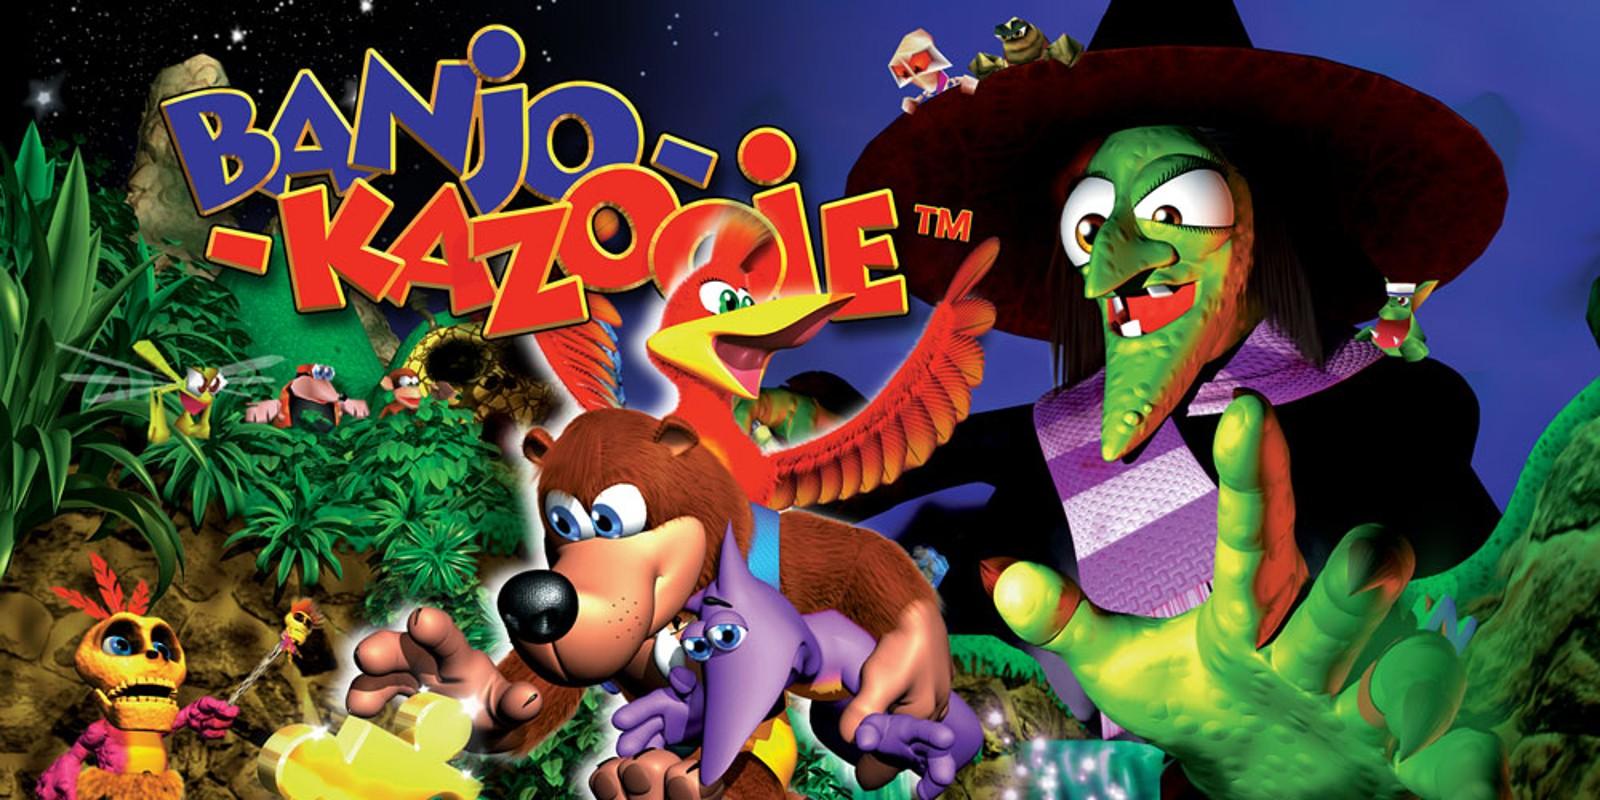 Banjo Kazooie n64